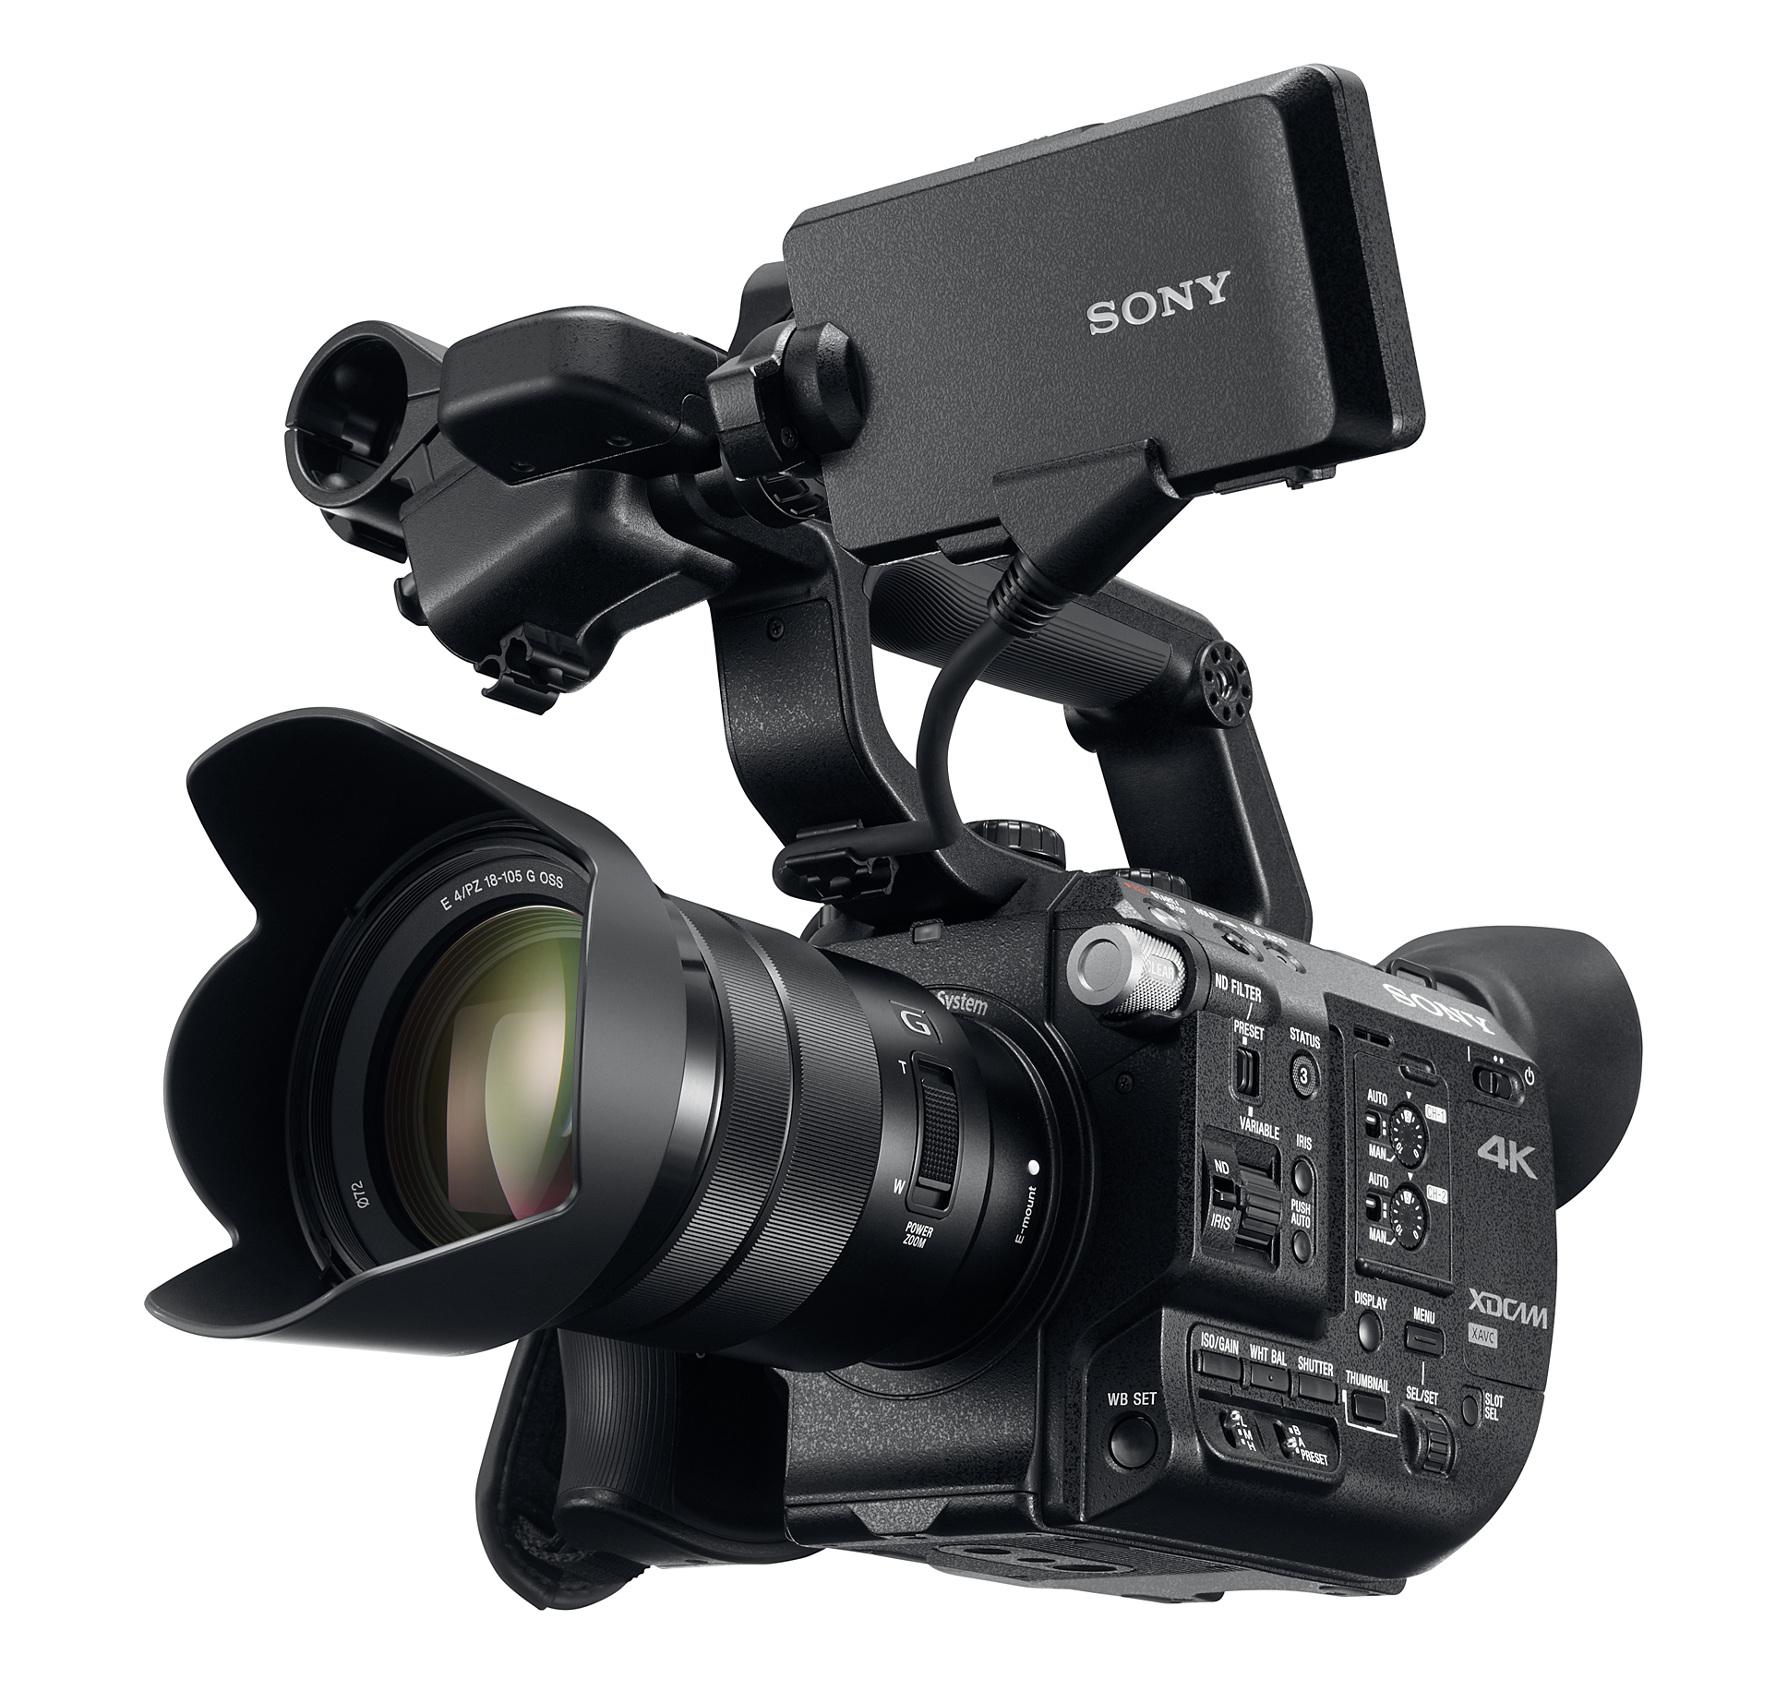 Sony PXW-FS5K 4K XDCAM Super 35mm Camera with Lens PXW-FS5K